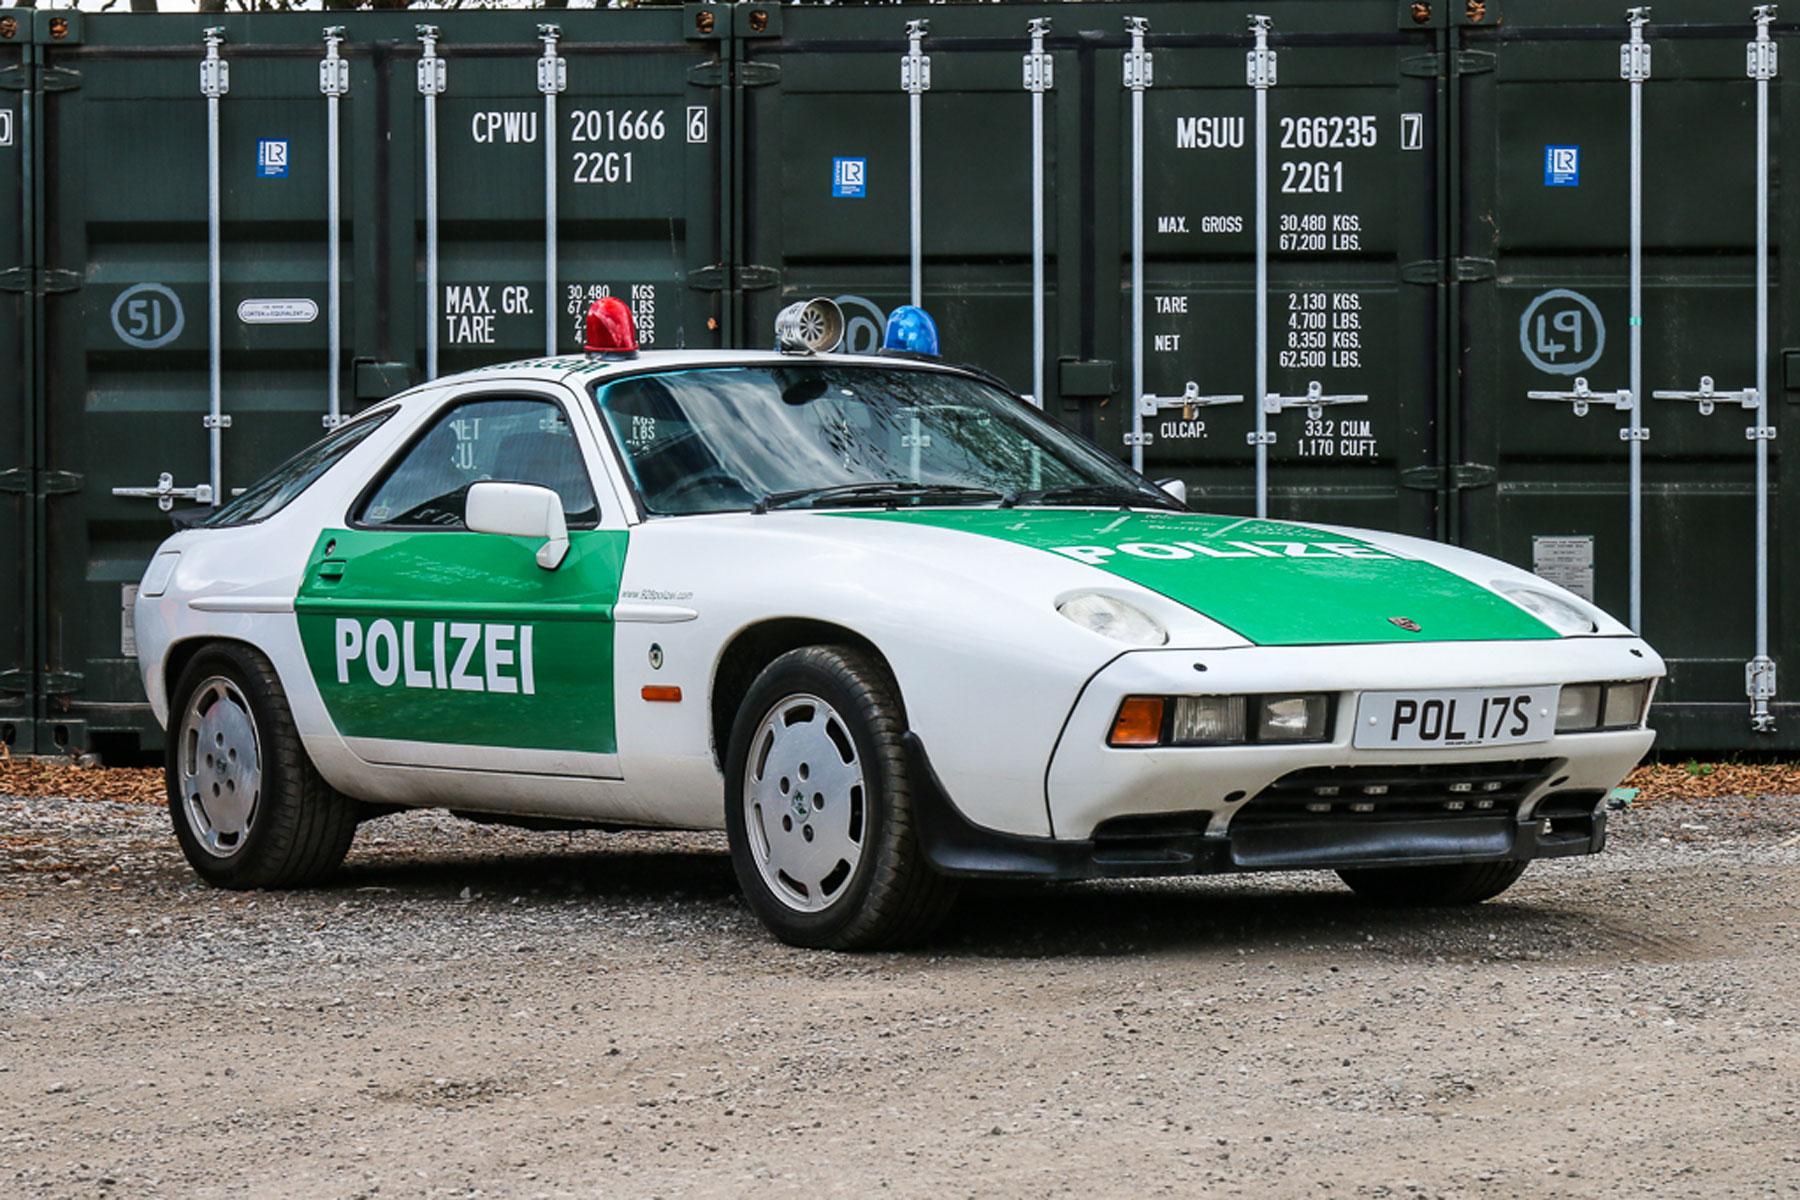 Polizei Porsche 928 S2